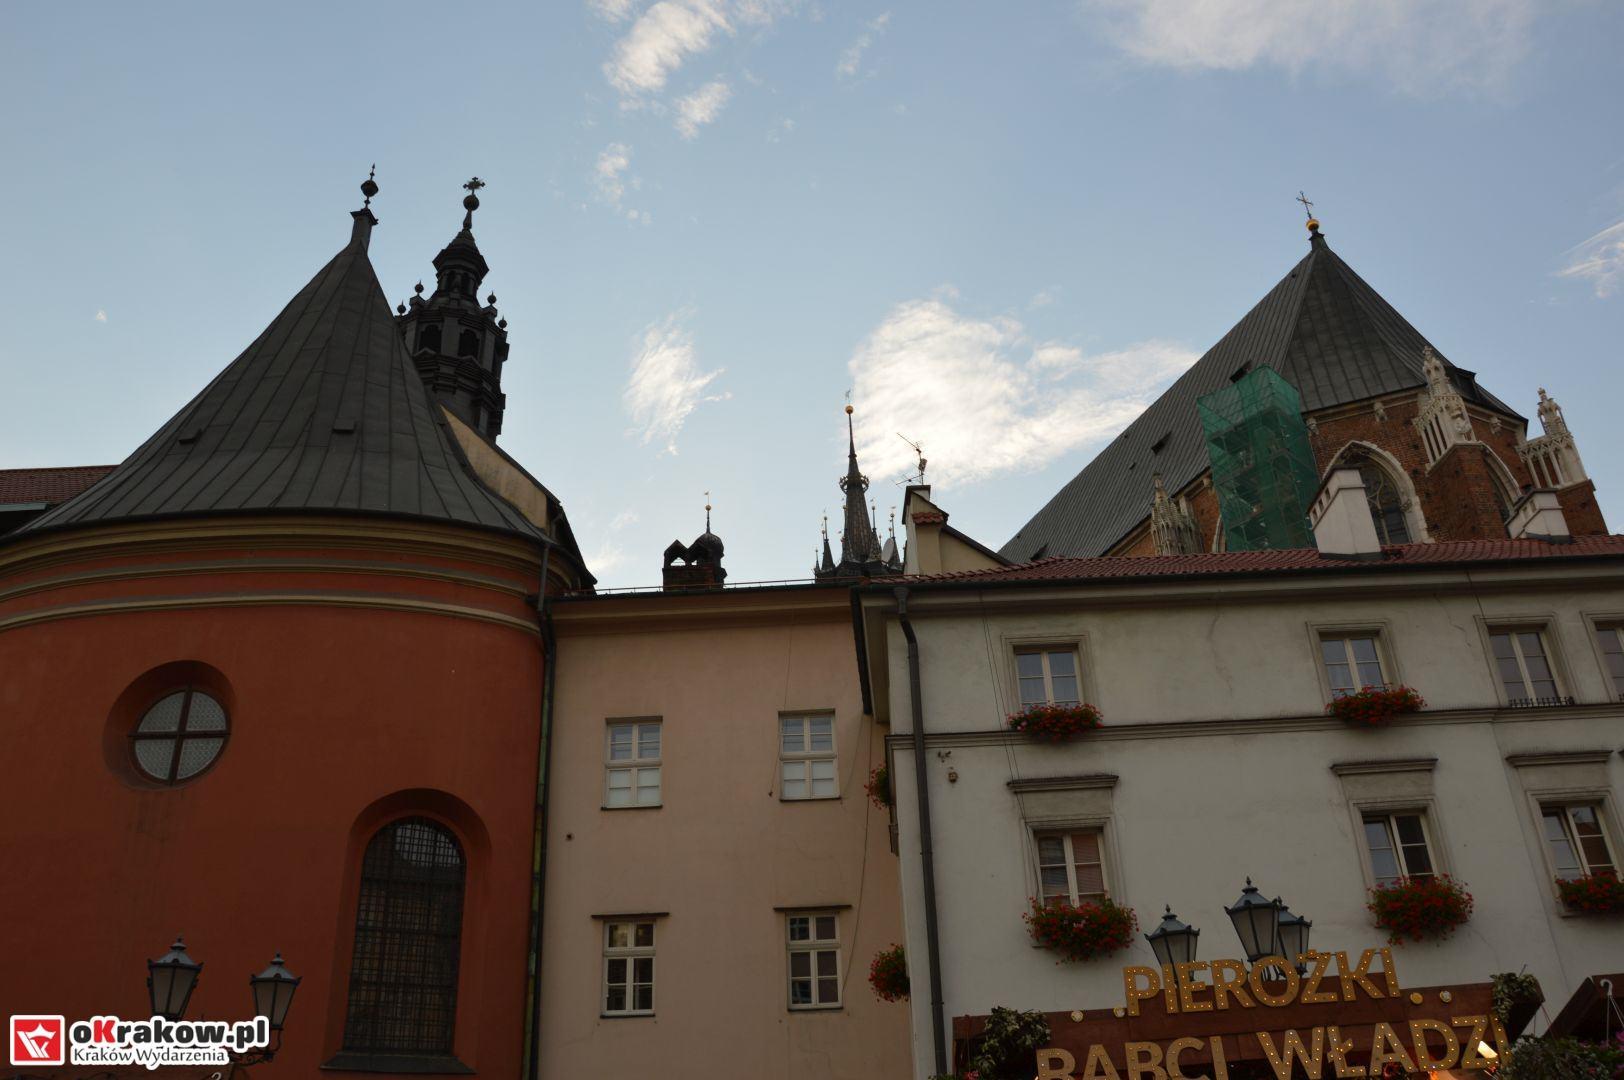 krakow festiwal pierogow maly rynek koncert cheap tobacco 81 150x150 - Galeria zdjęć Festiwal Pierogów Kraków 2018 + zdjęcia z koncertu Cheap Tobacco